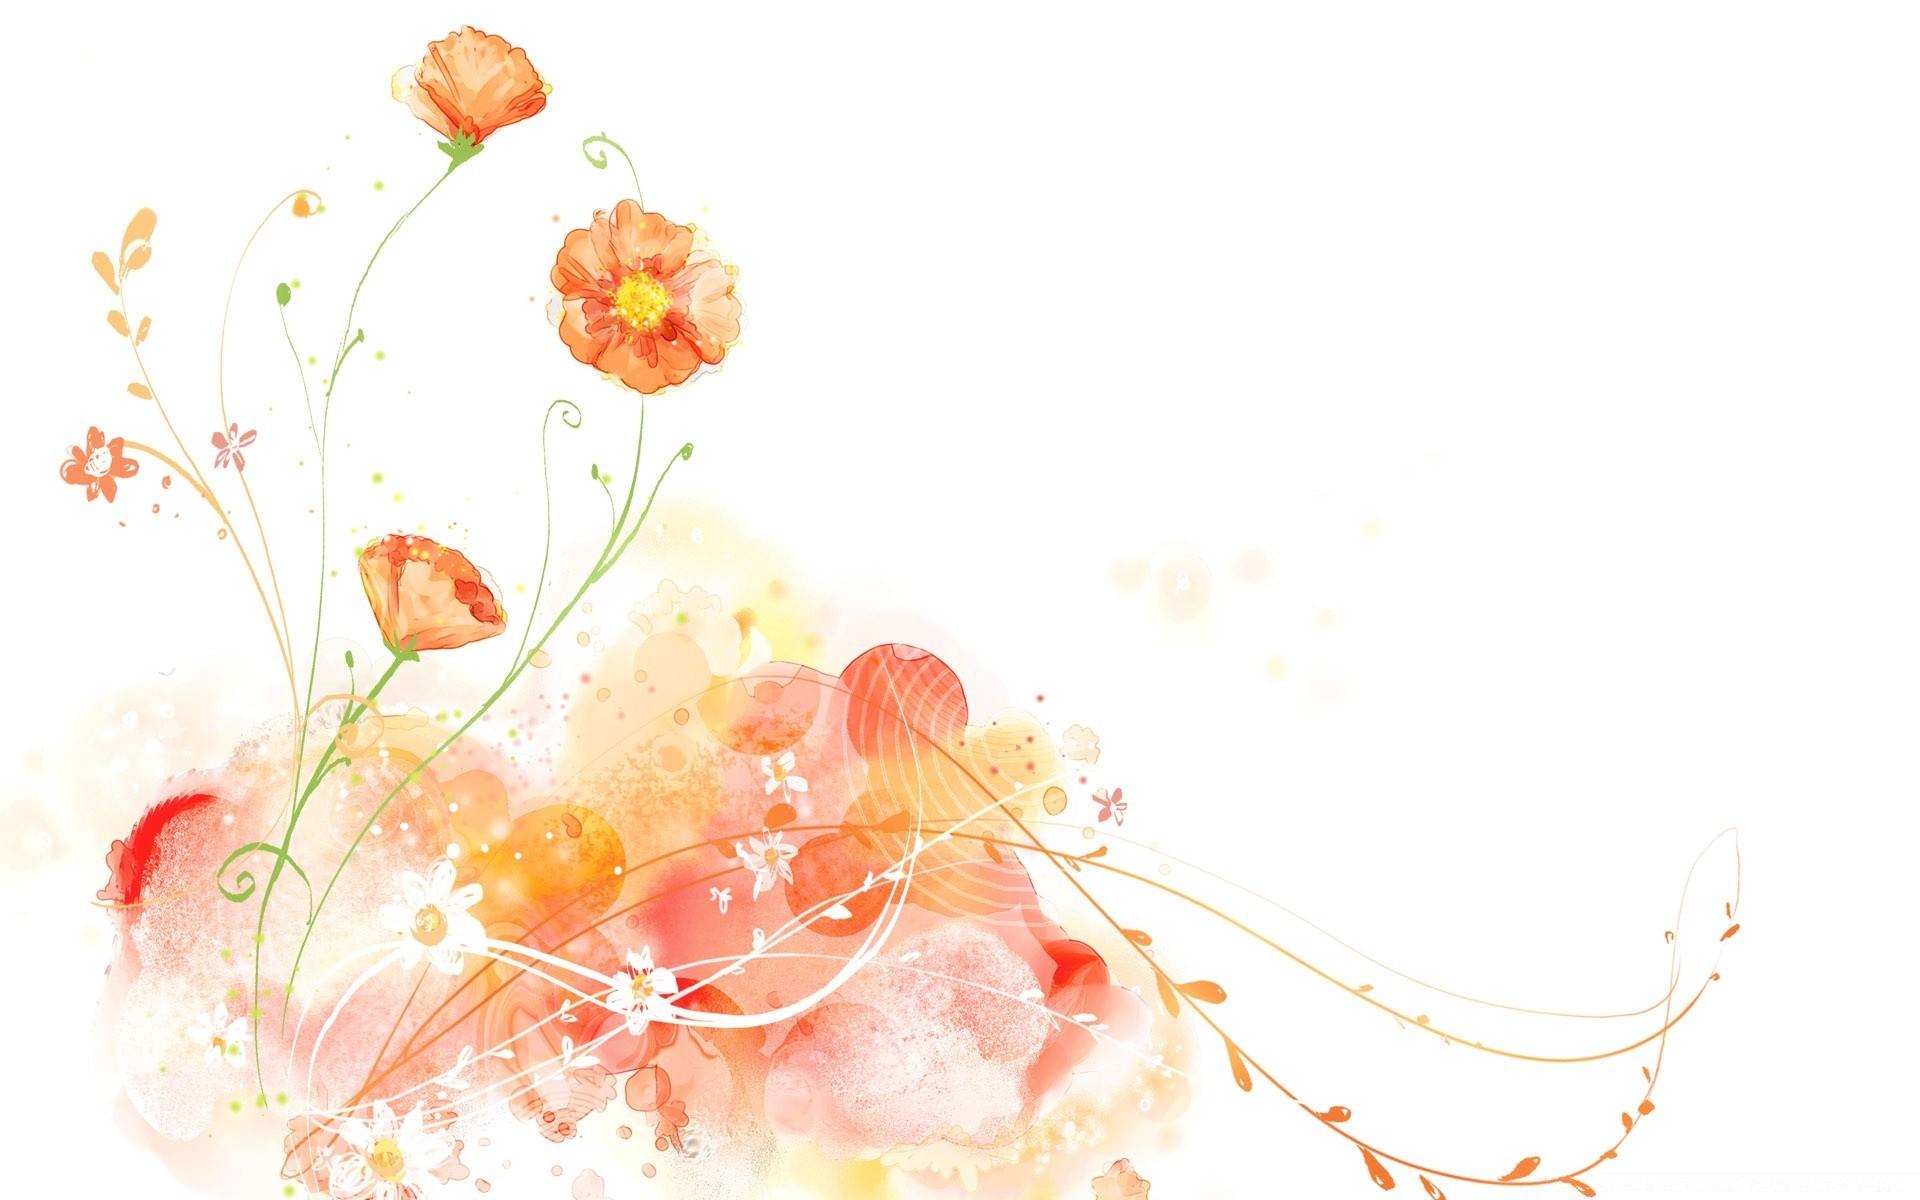 Красивый фоновый рисунок на открытку, цветами гофрированной бумаги